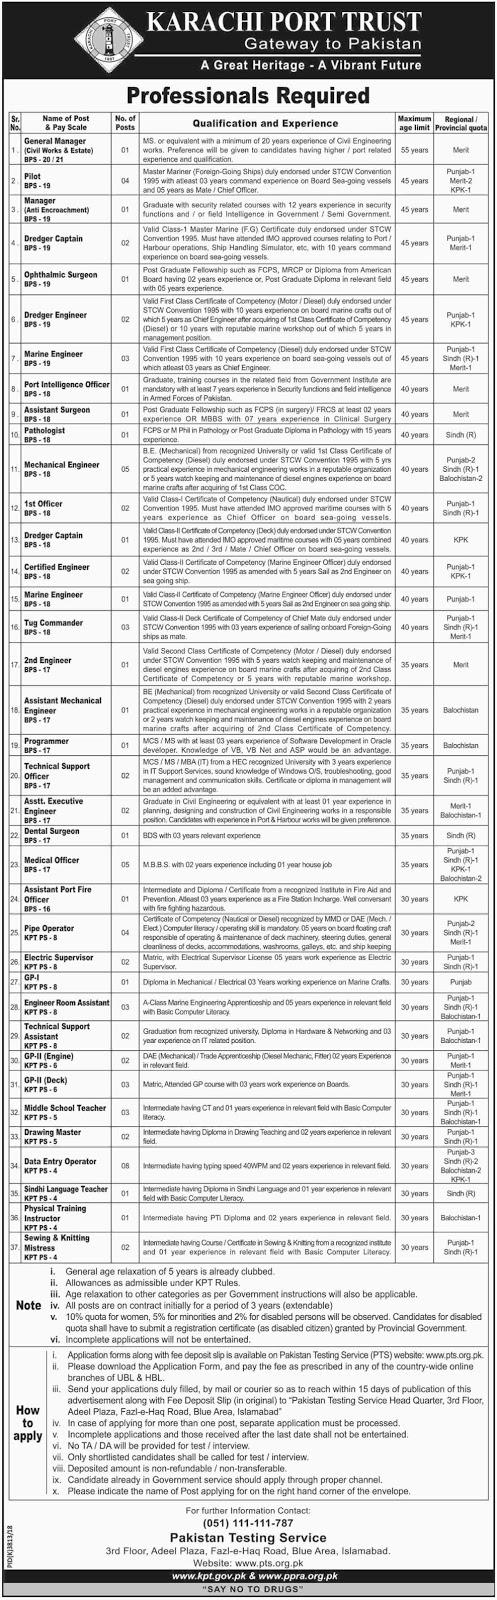 Karachi Port Trust KPT Jobs 2019 By PTS | 300+ Vacancies | Download Application Form